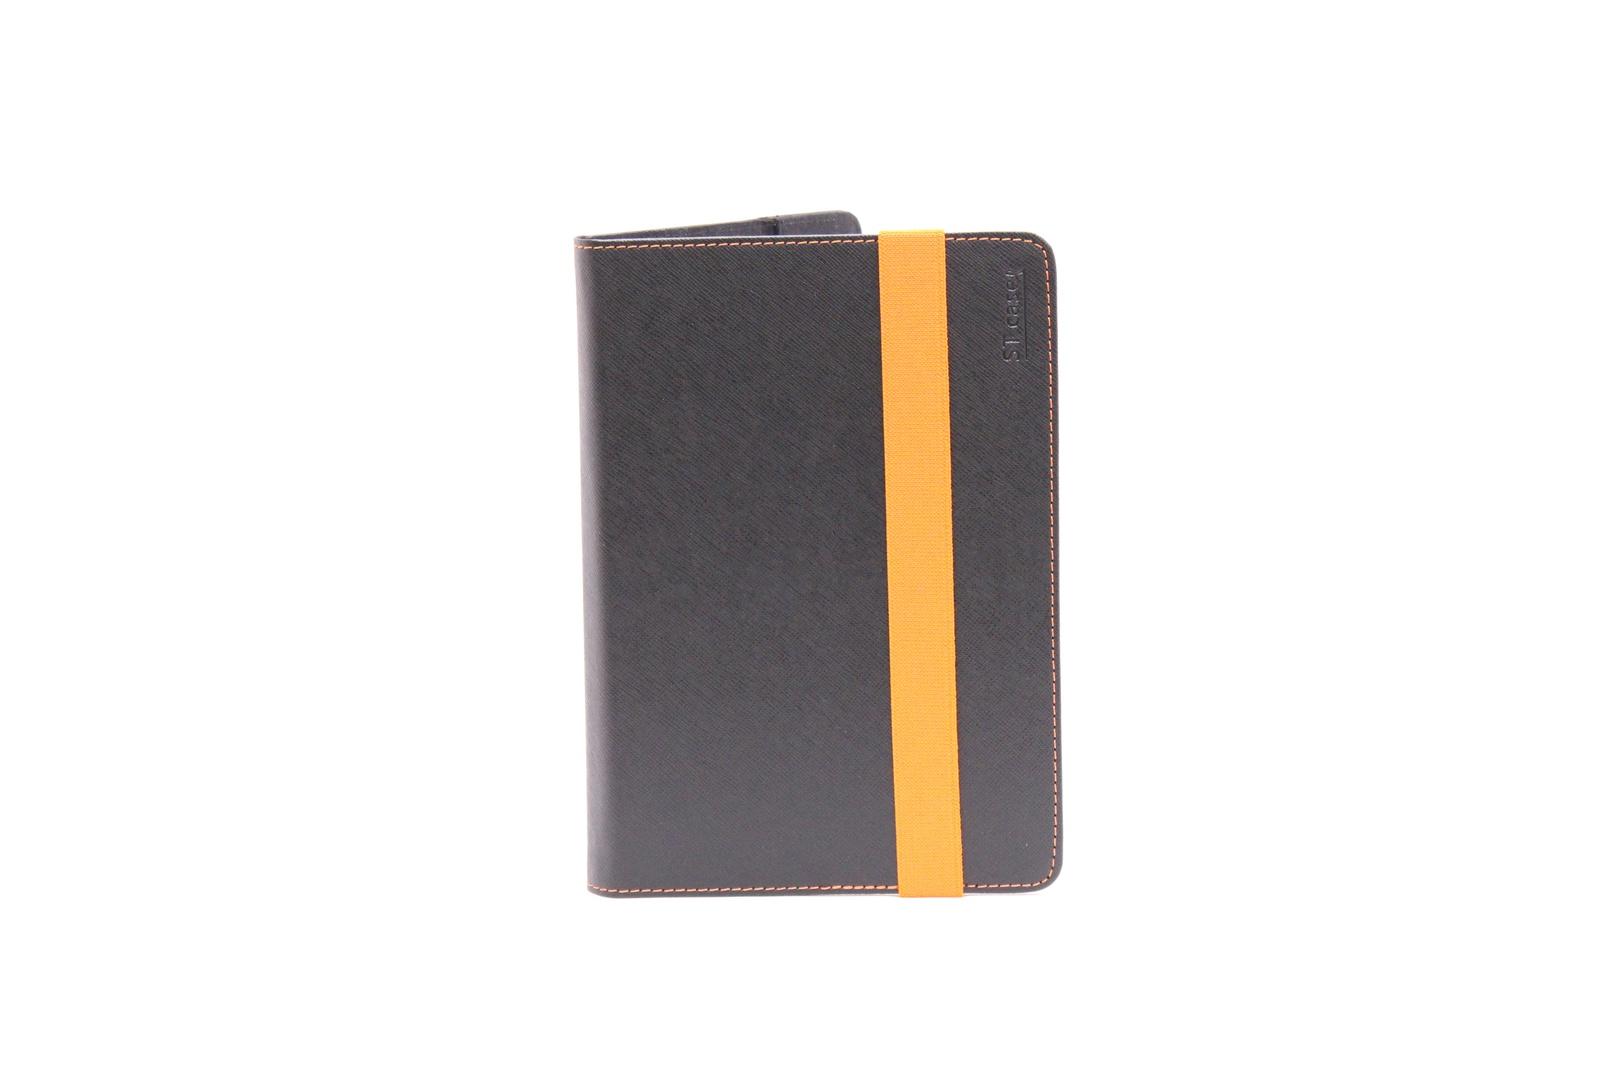 Чехол для планшета ST Case LUN10 чехол continent uts 102 vt чехол для планшета универсальный с диагональю до 10 фиолетовый